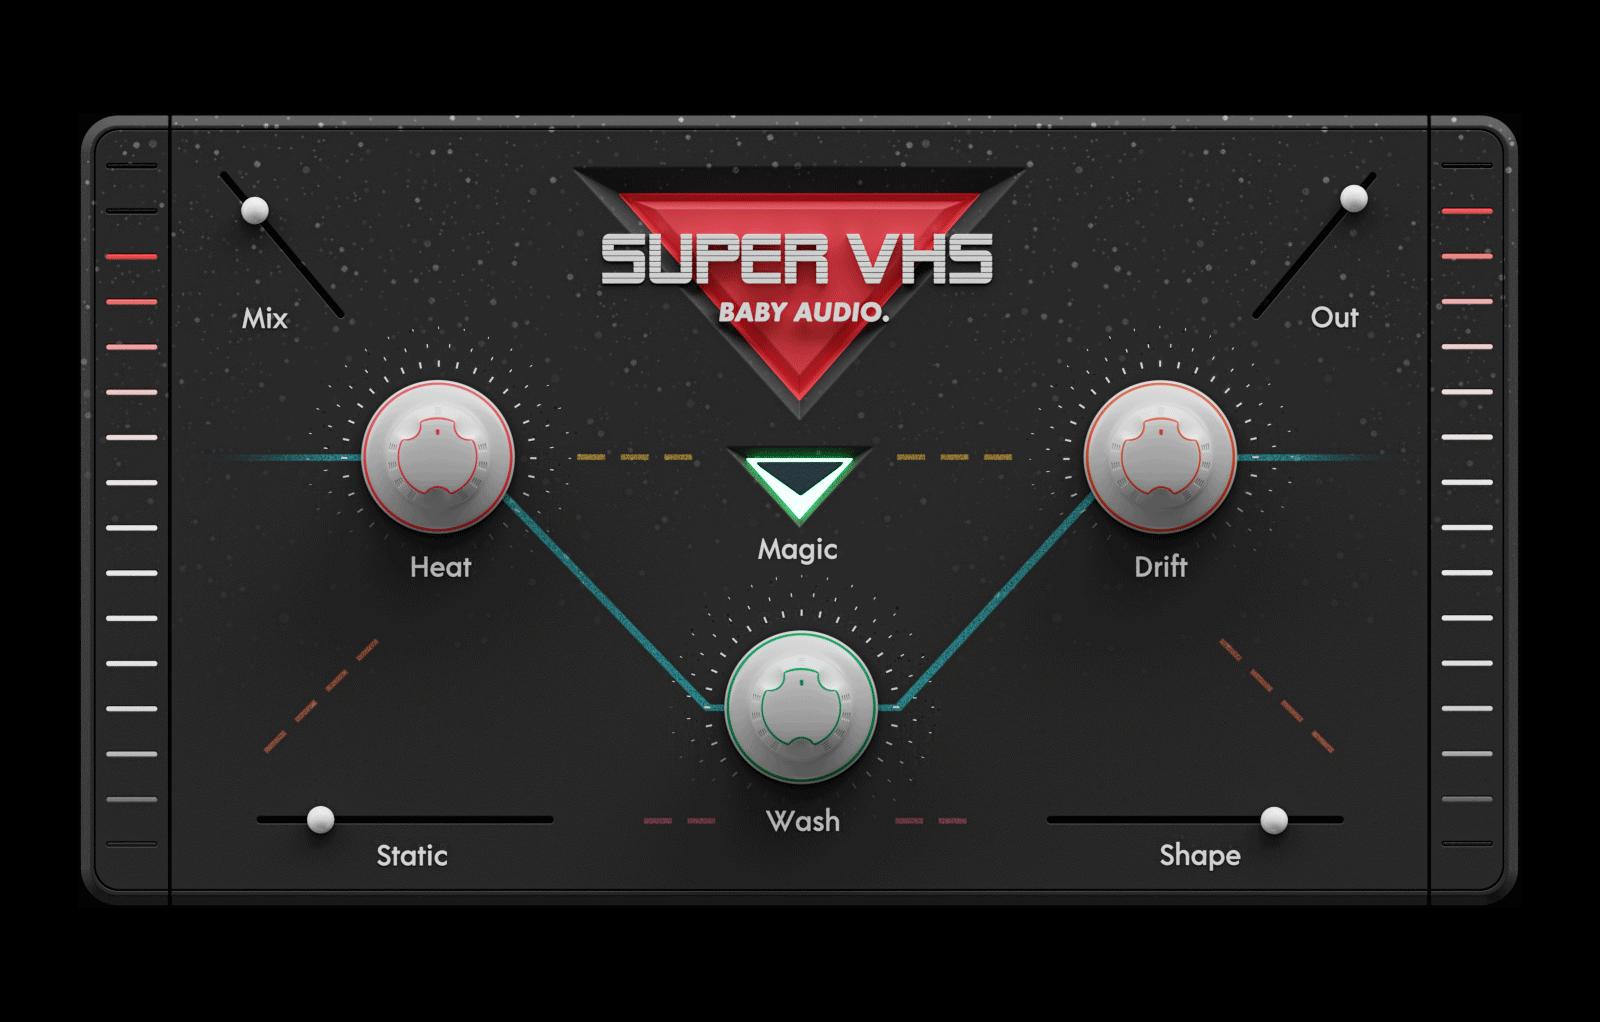 Super VHS